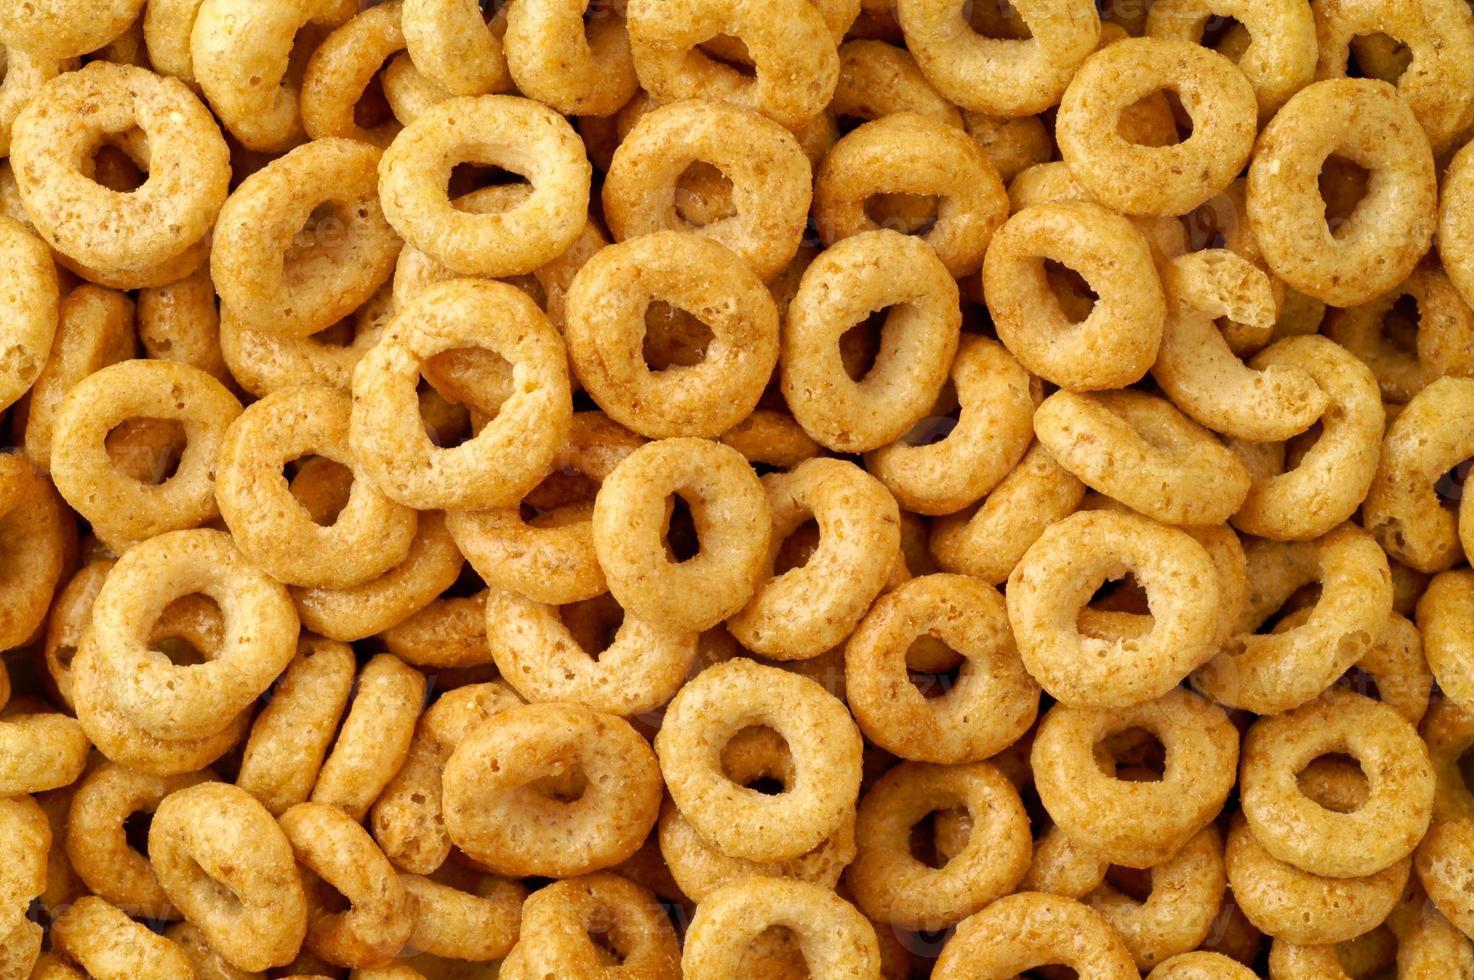 fundo de rosquinhas de cereal foto